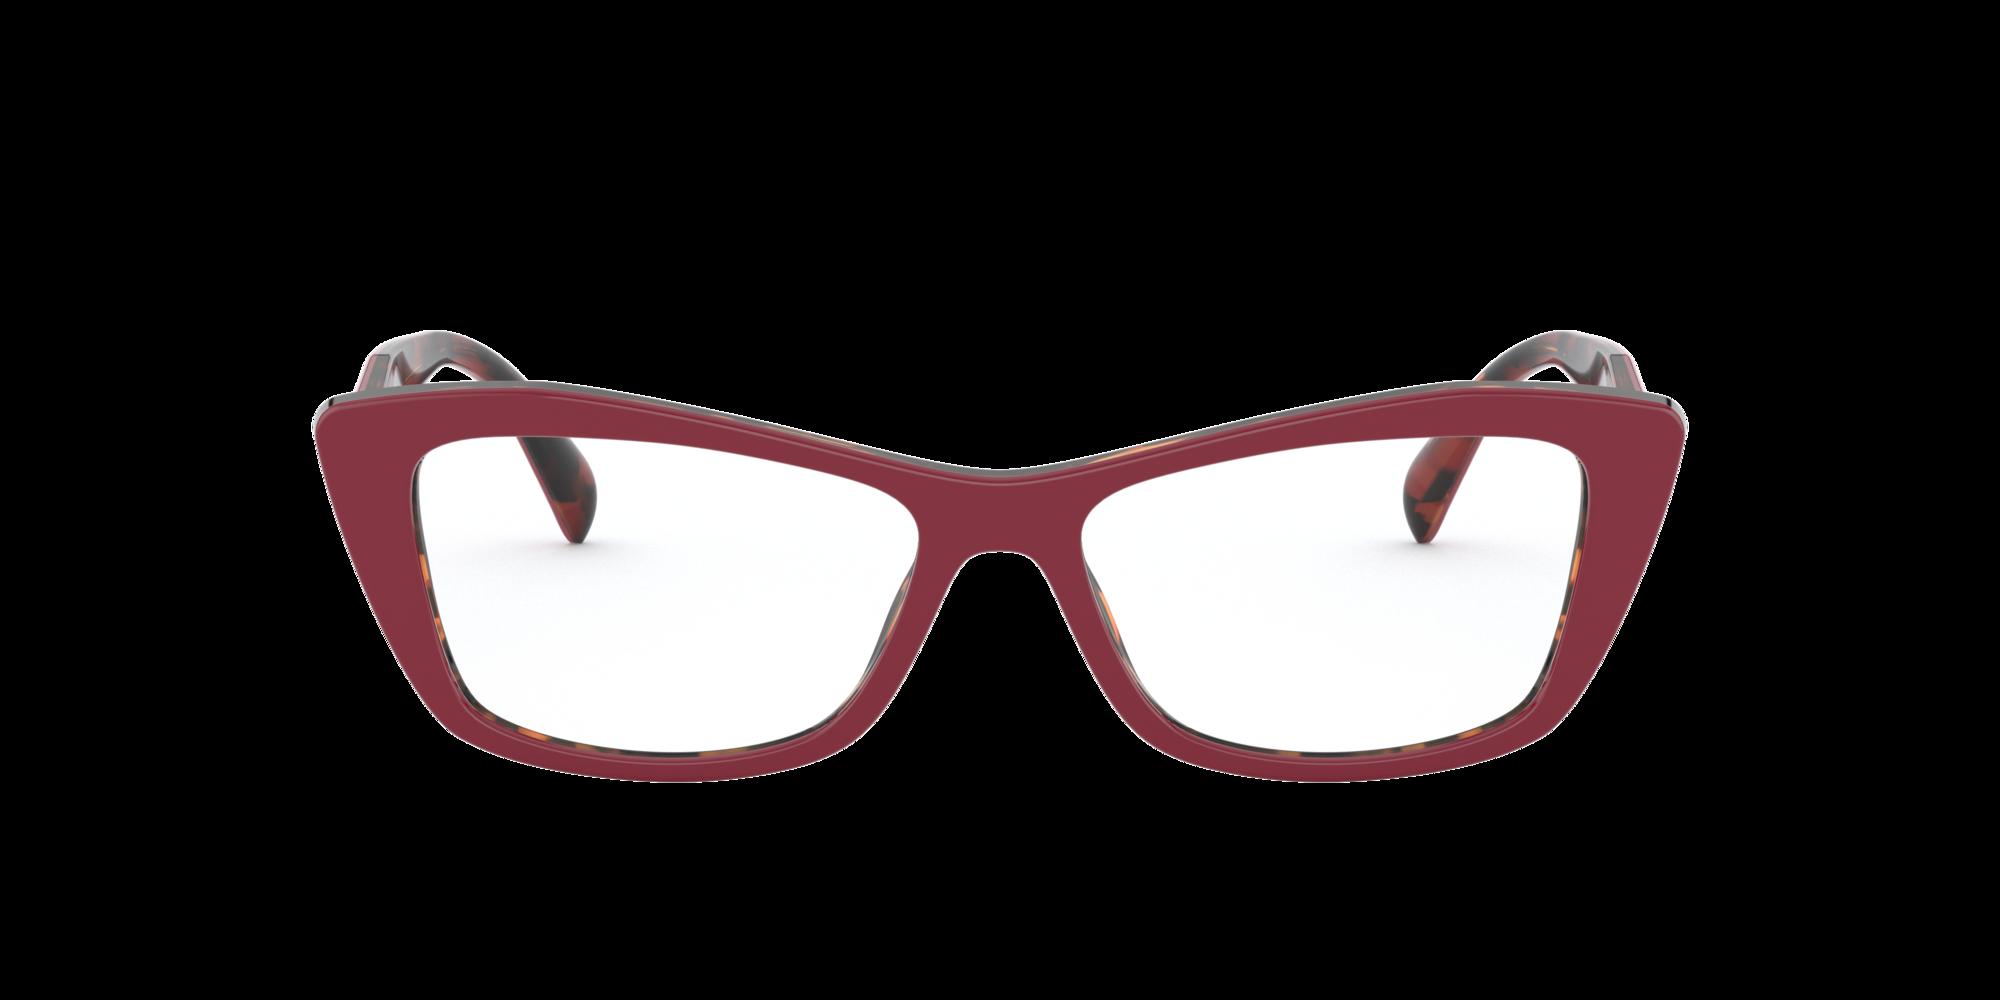 Imagen para PR 15XV de LensCrafters    Espejuelos, espejuelos graduados en línea, gafas